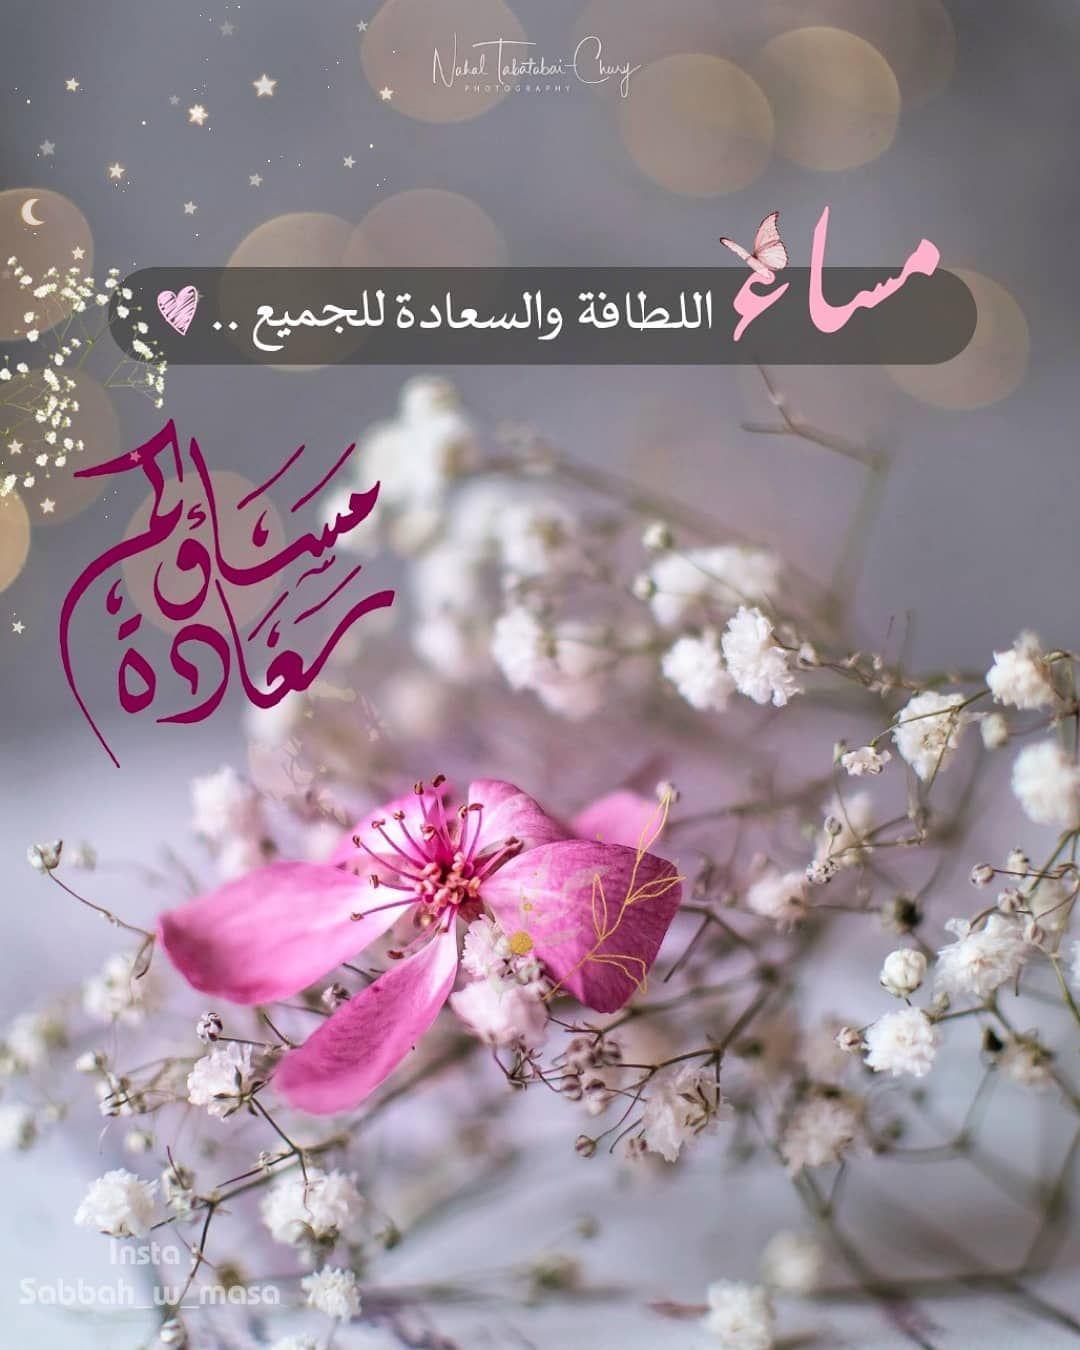 صبح و مساء S Instagram Photo مساء اللطافة والسعادة للجميع مساء الورد تصميم تصاميم السعودية Islamic Pictures Flowers Night Quotes